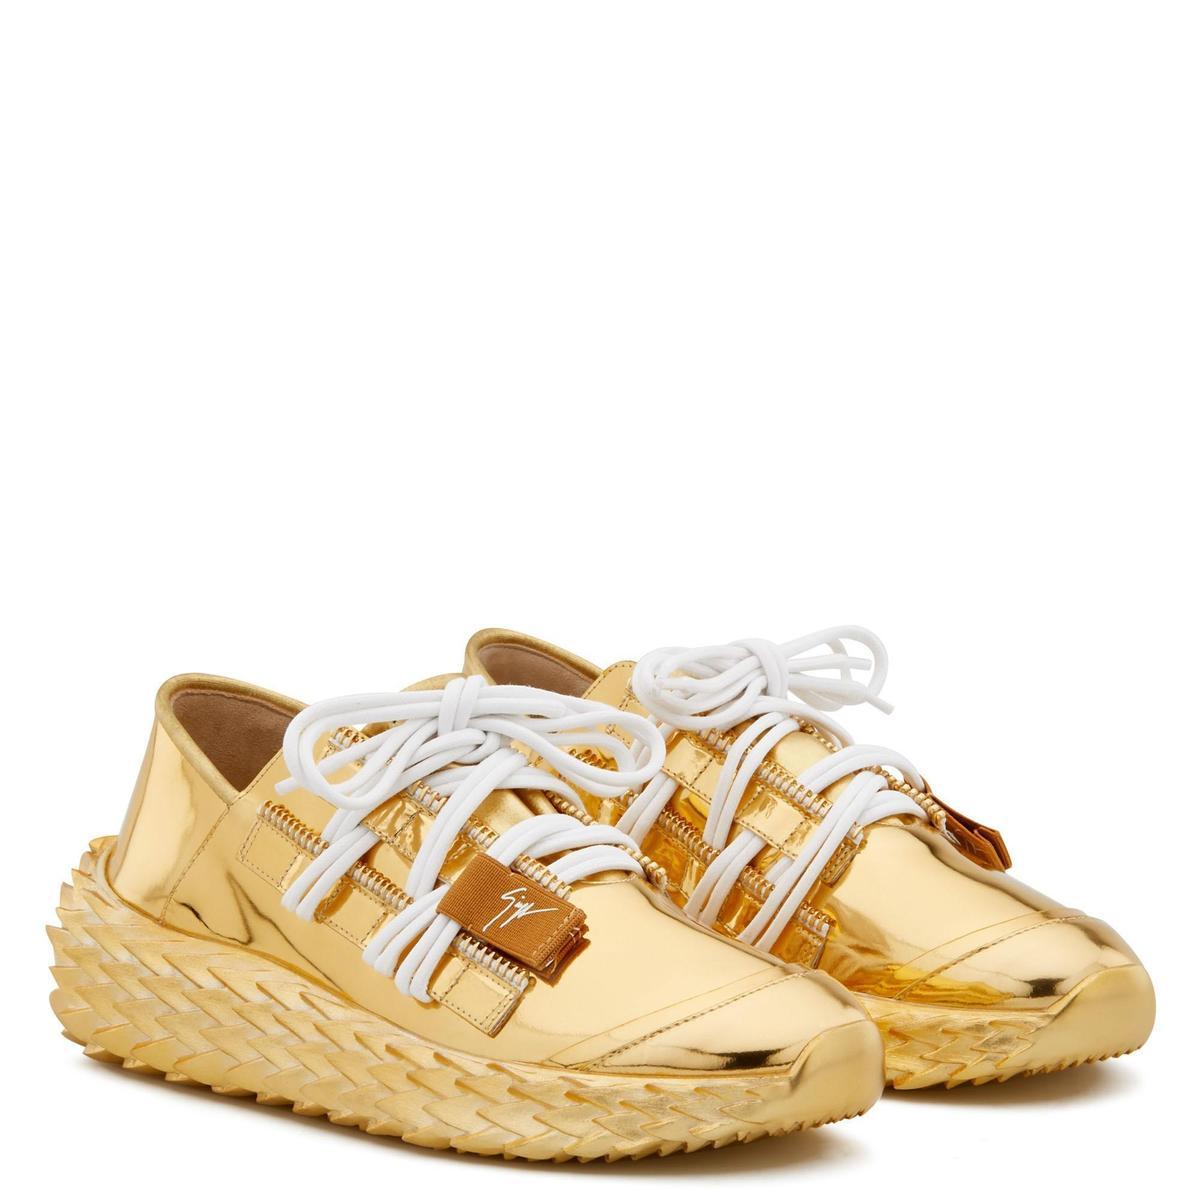 金色Urchin休閒鞋 價格店洽 GIUSEPPE ZANOTTI。(GIUSEPPE ZANOTTI提供)